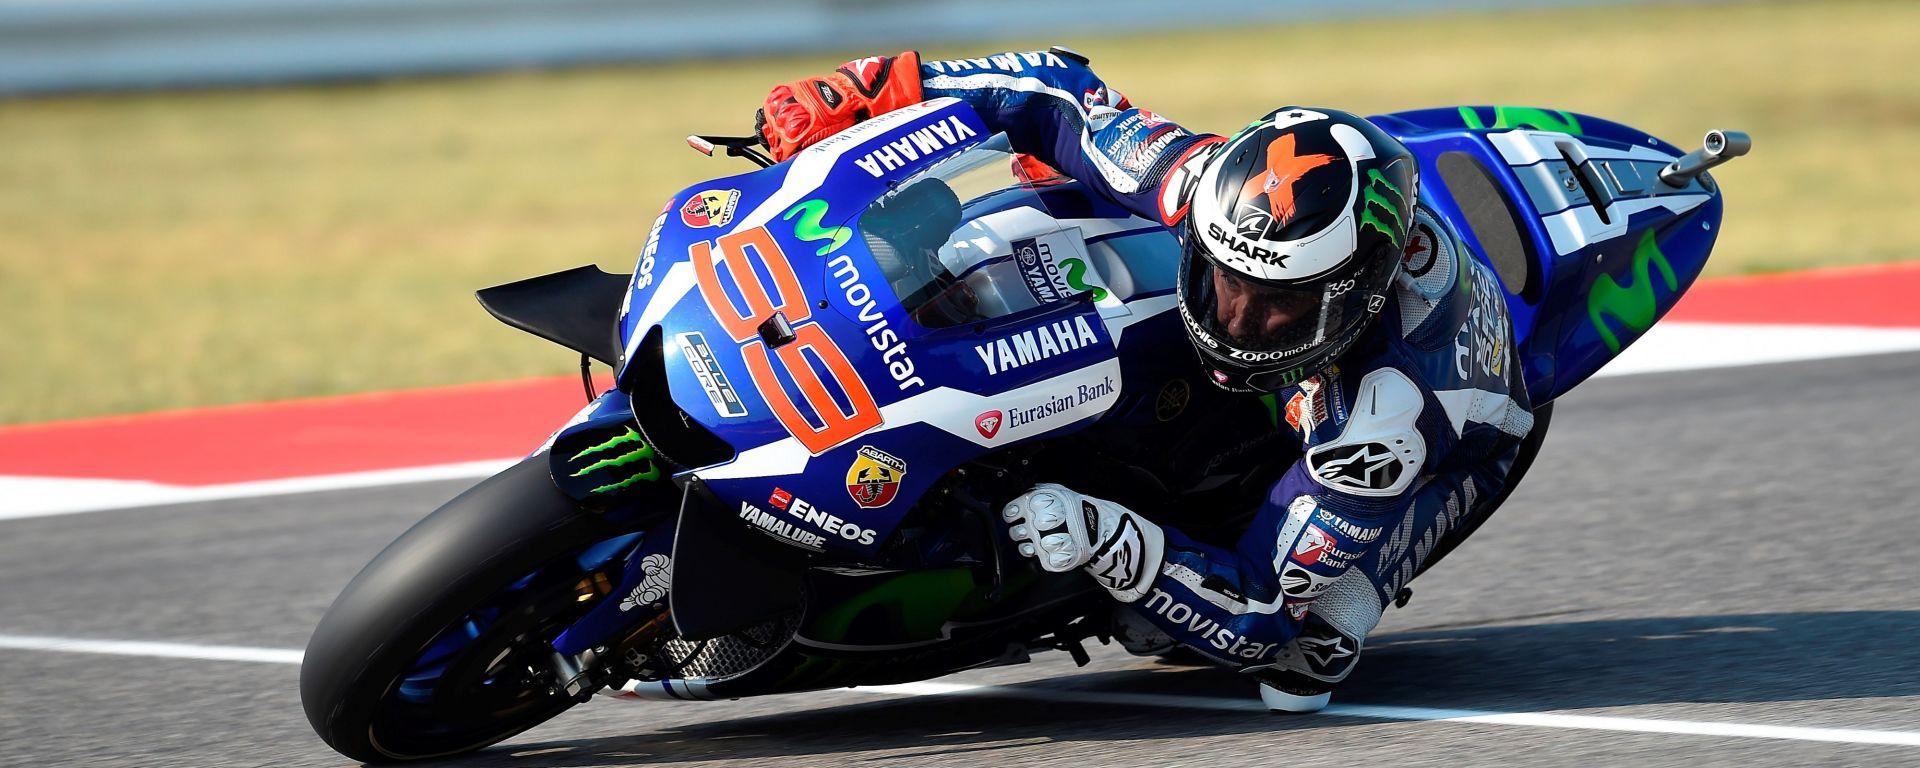 MotoGP Misano 2016: Jorge Lorenzo in pole davanti a Rossi e Vinales